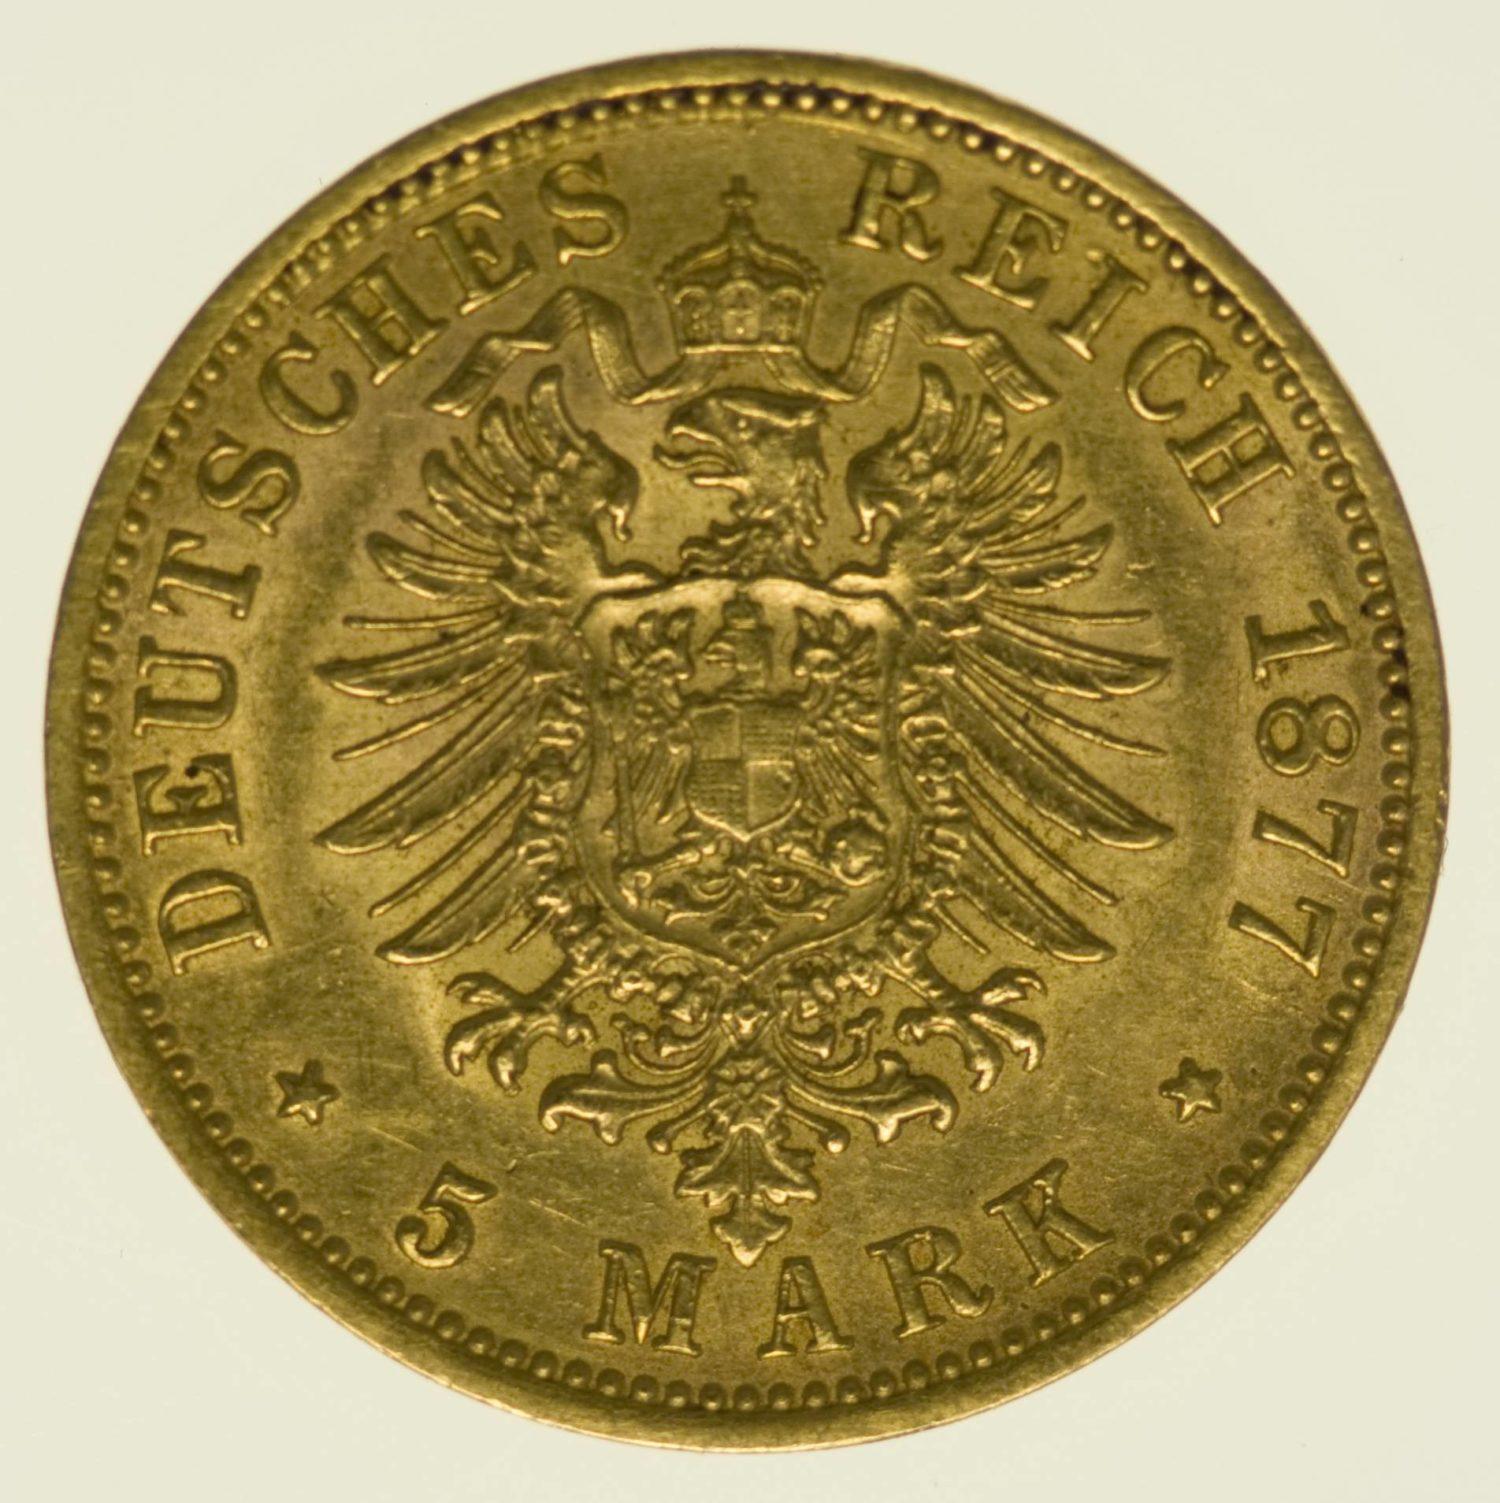 Württemberg Karl 5 Mark 1877 Gold 1,79 Gramm fein RAR